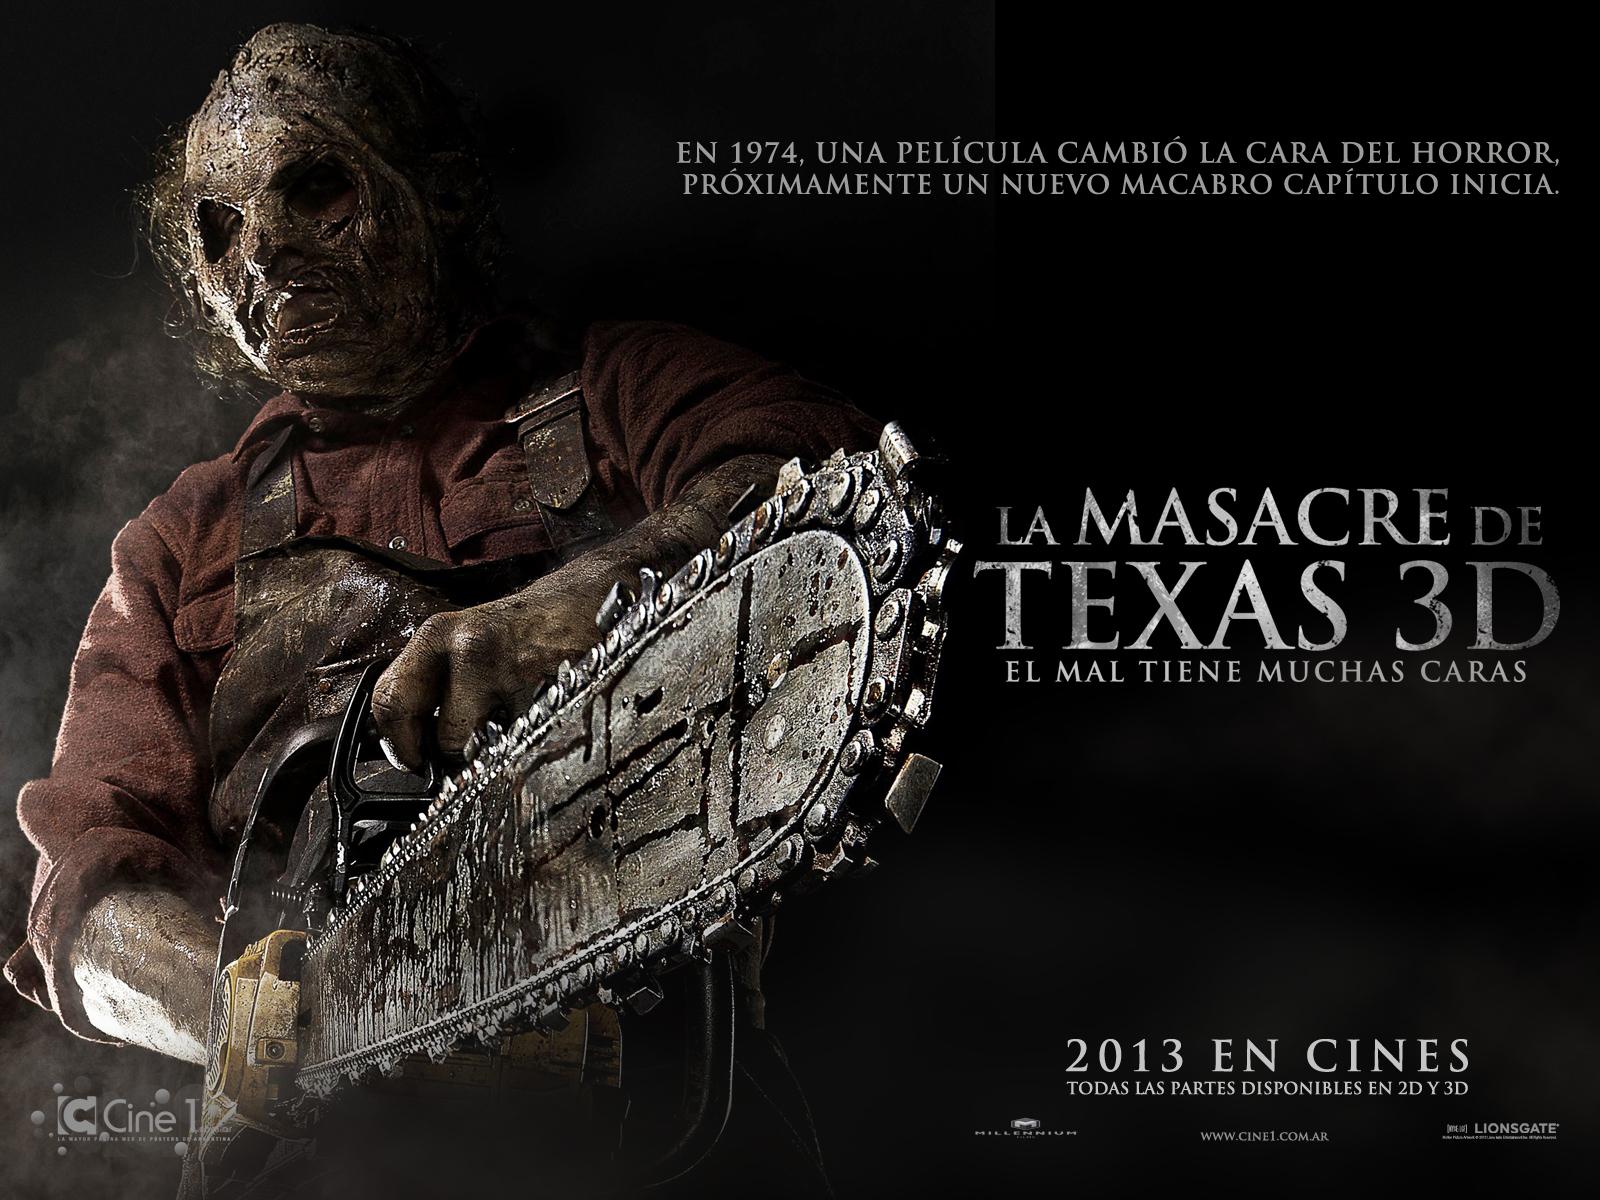 Video Masacre Nueva Zelanda Hd: Nuevo Spot Tv De La Matanza De Texas 3D ('Texas Chainsaw